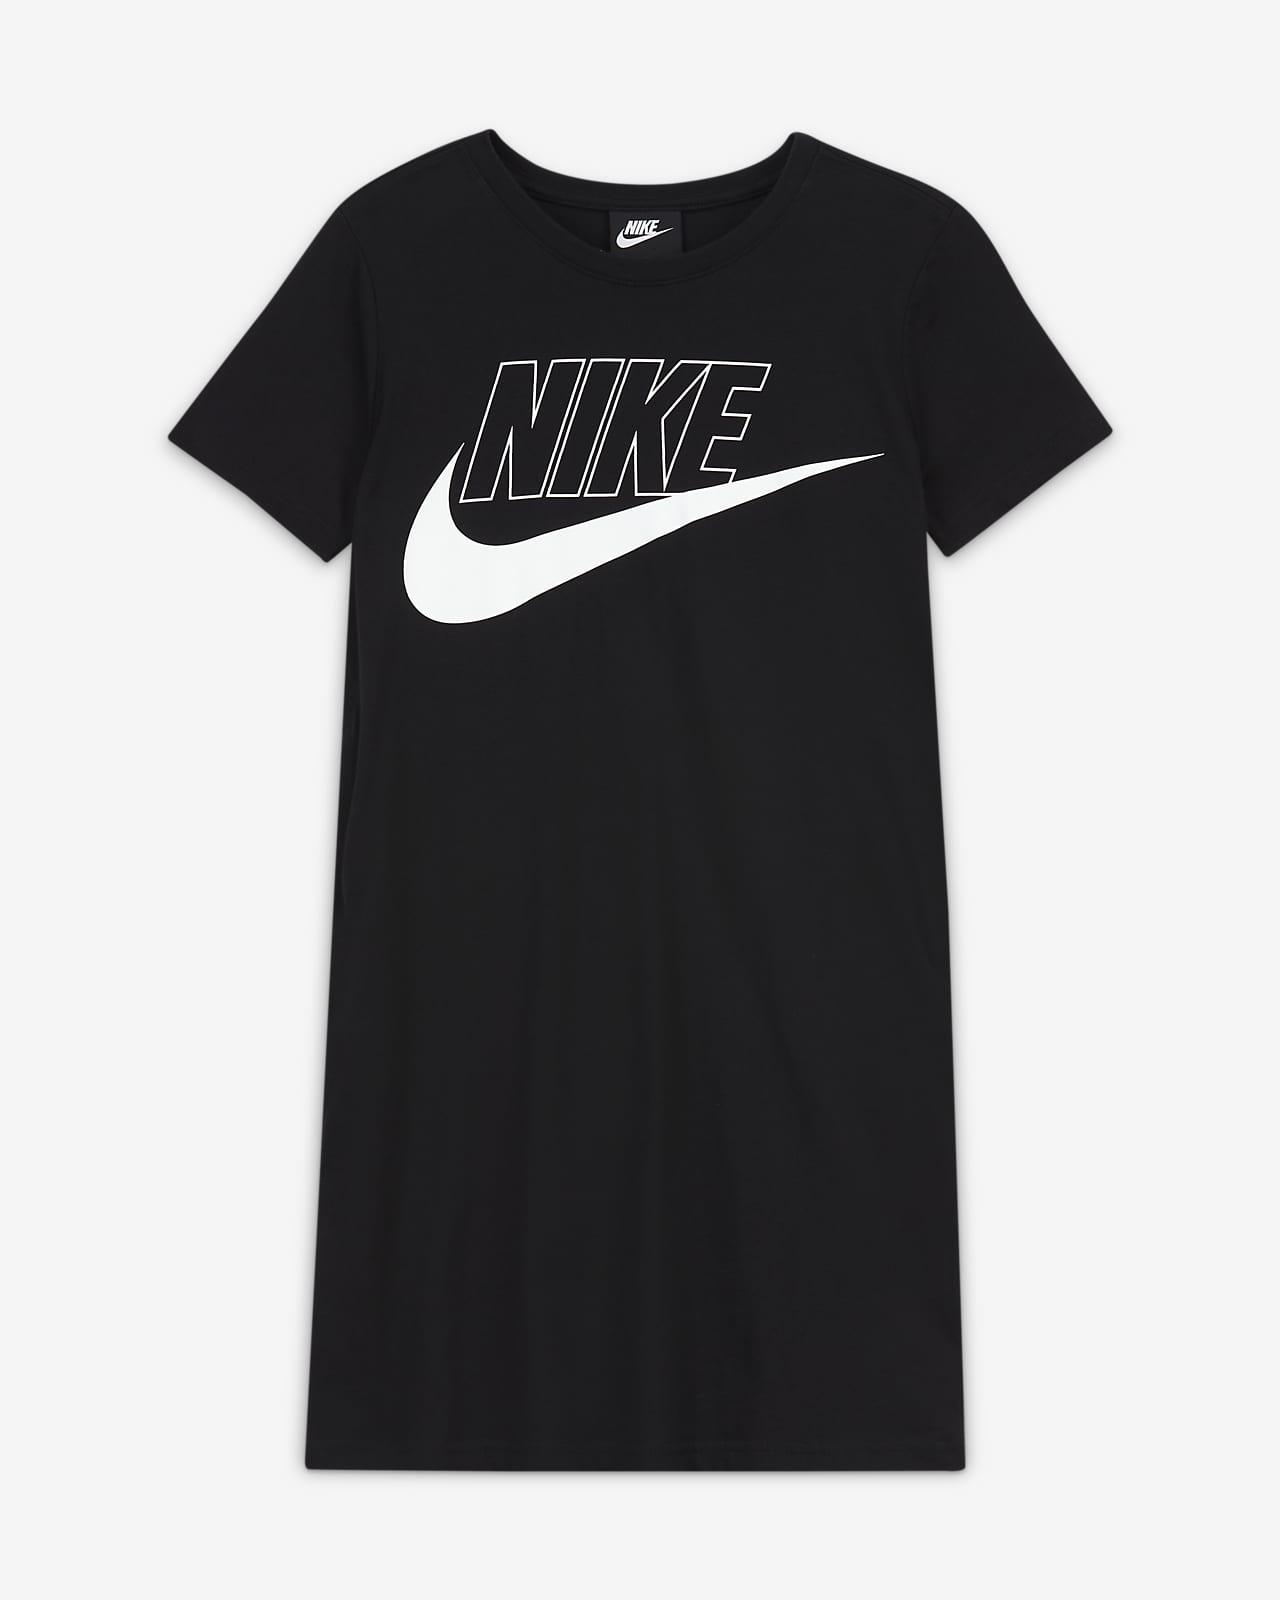 Nike Sportswear Older Kids' (Girls') T-Shirt Dress